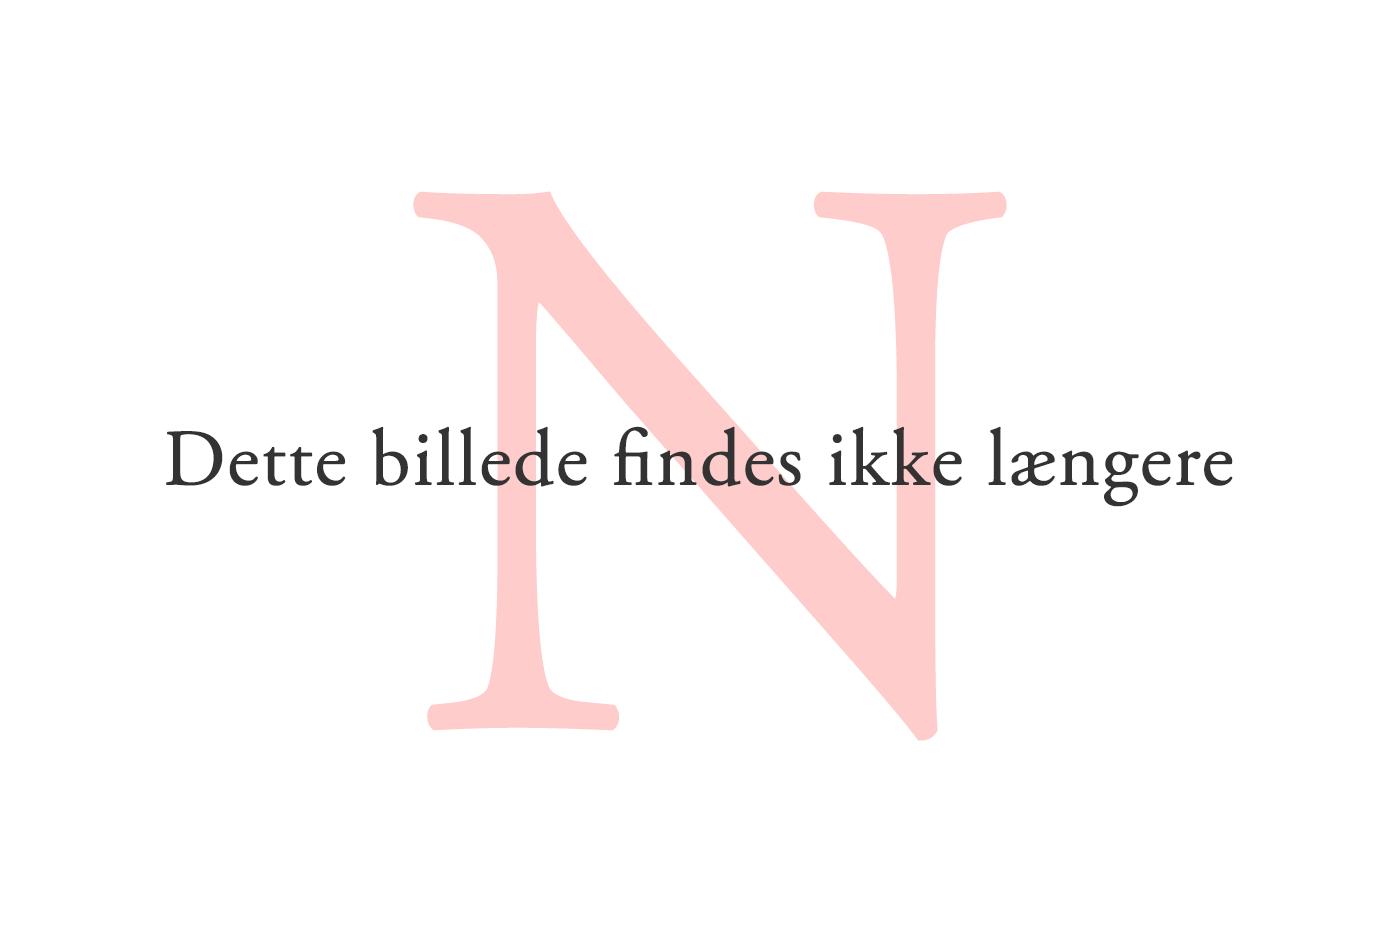 Ny dansk burgerkæde inddrager deres ansatte i deres branding Morguefile